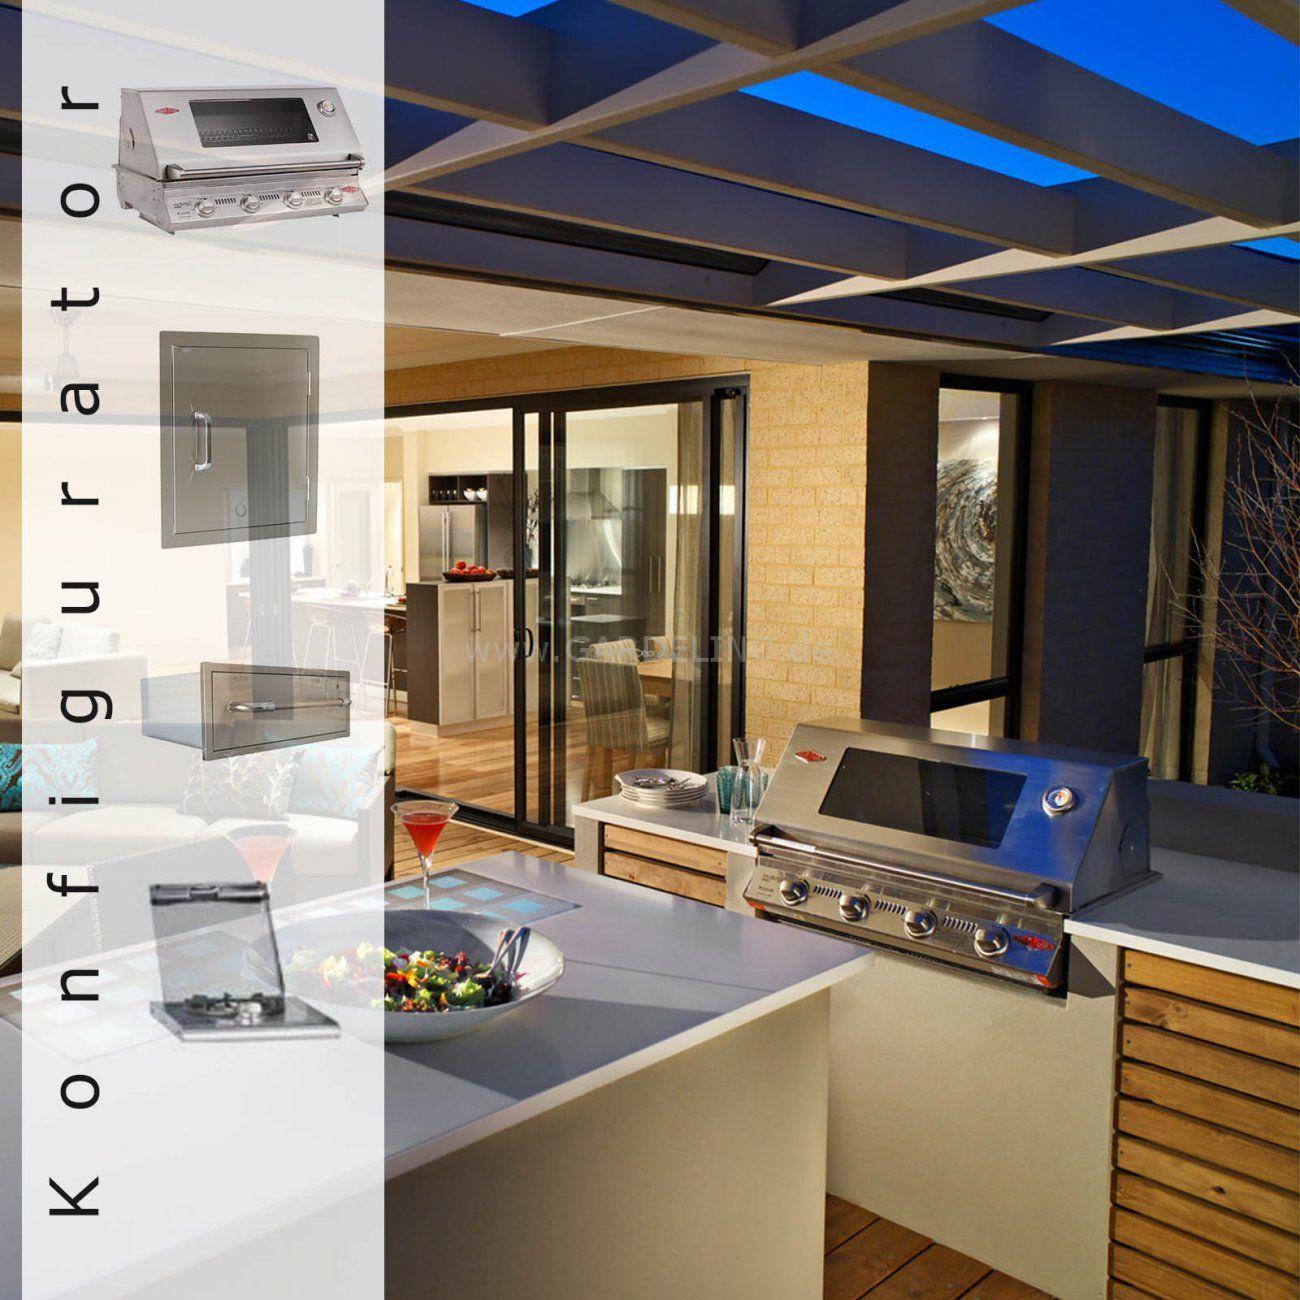 Außenküche Selber Bauen  Bnbnews.co